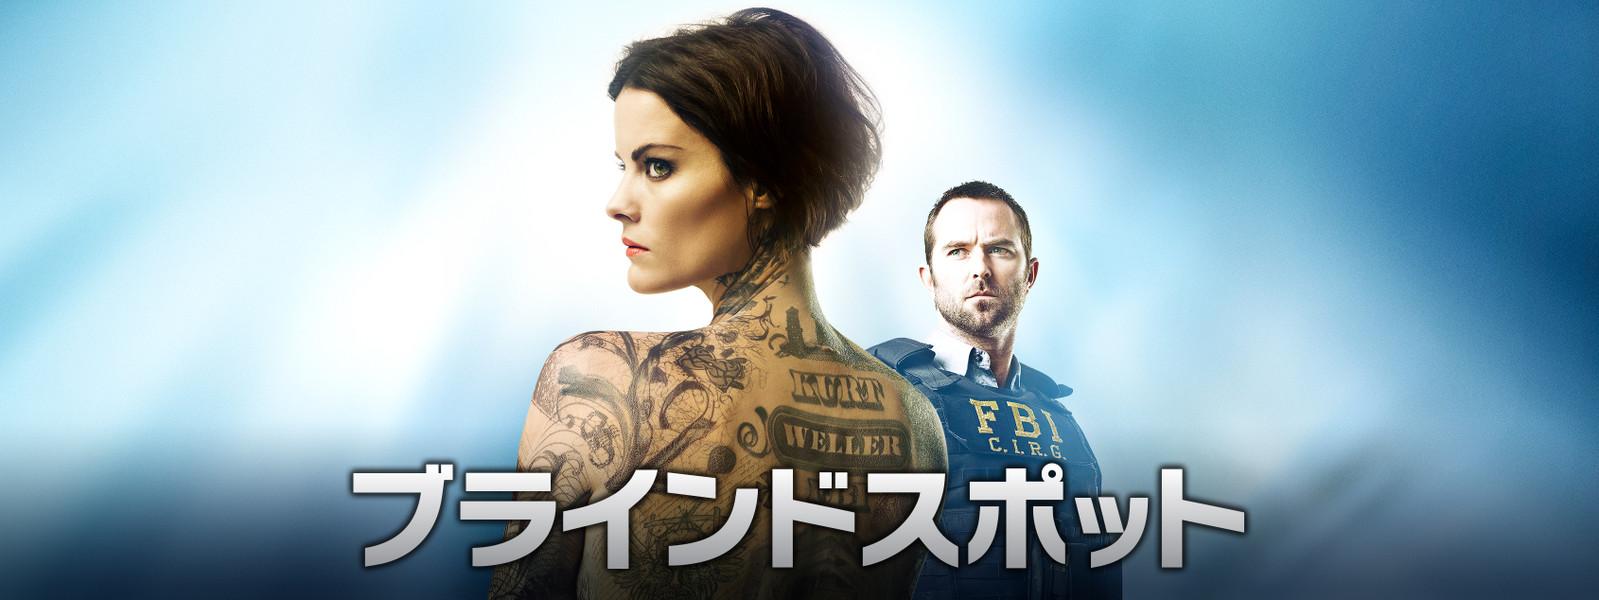 海外ドラマ ブラインドスポット タトゥーの女